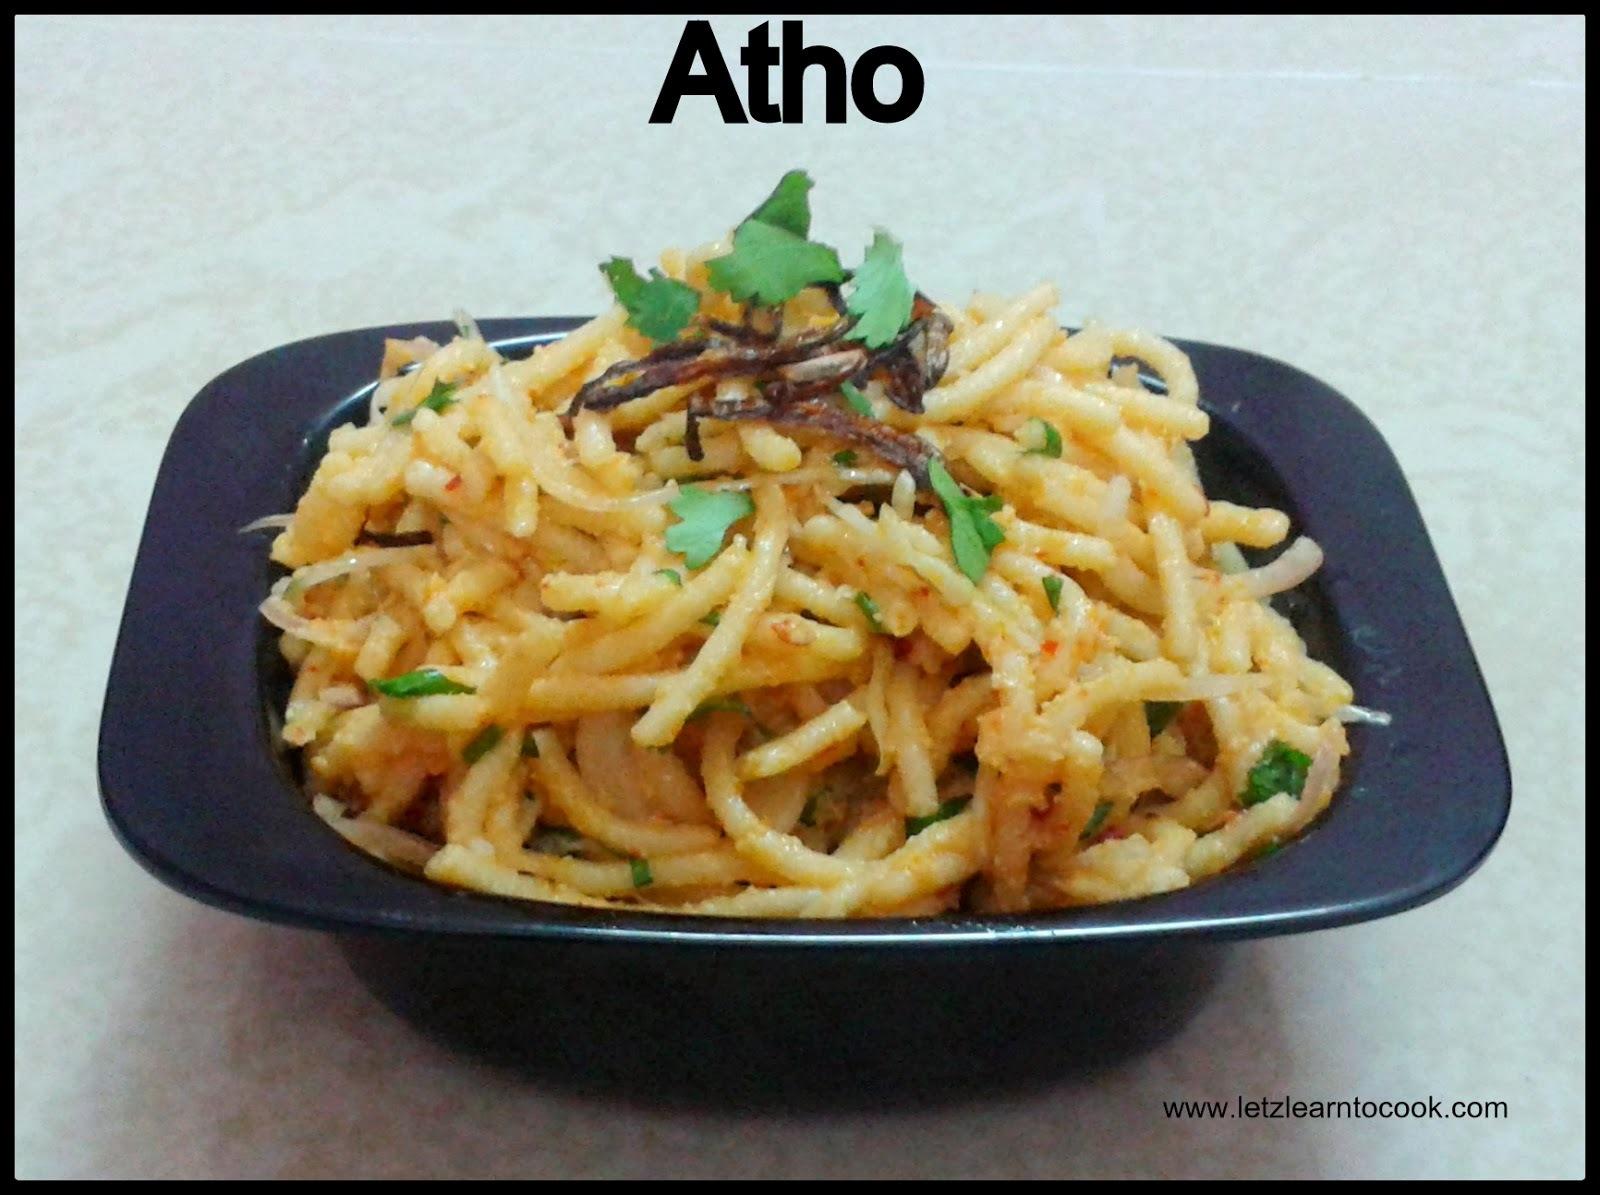 Atho-Burmese Cuisine